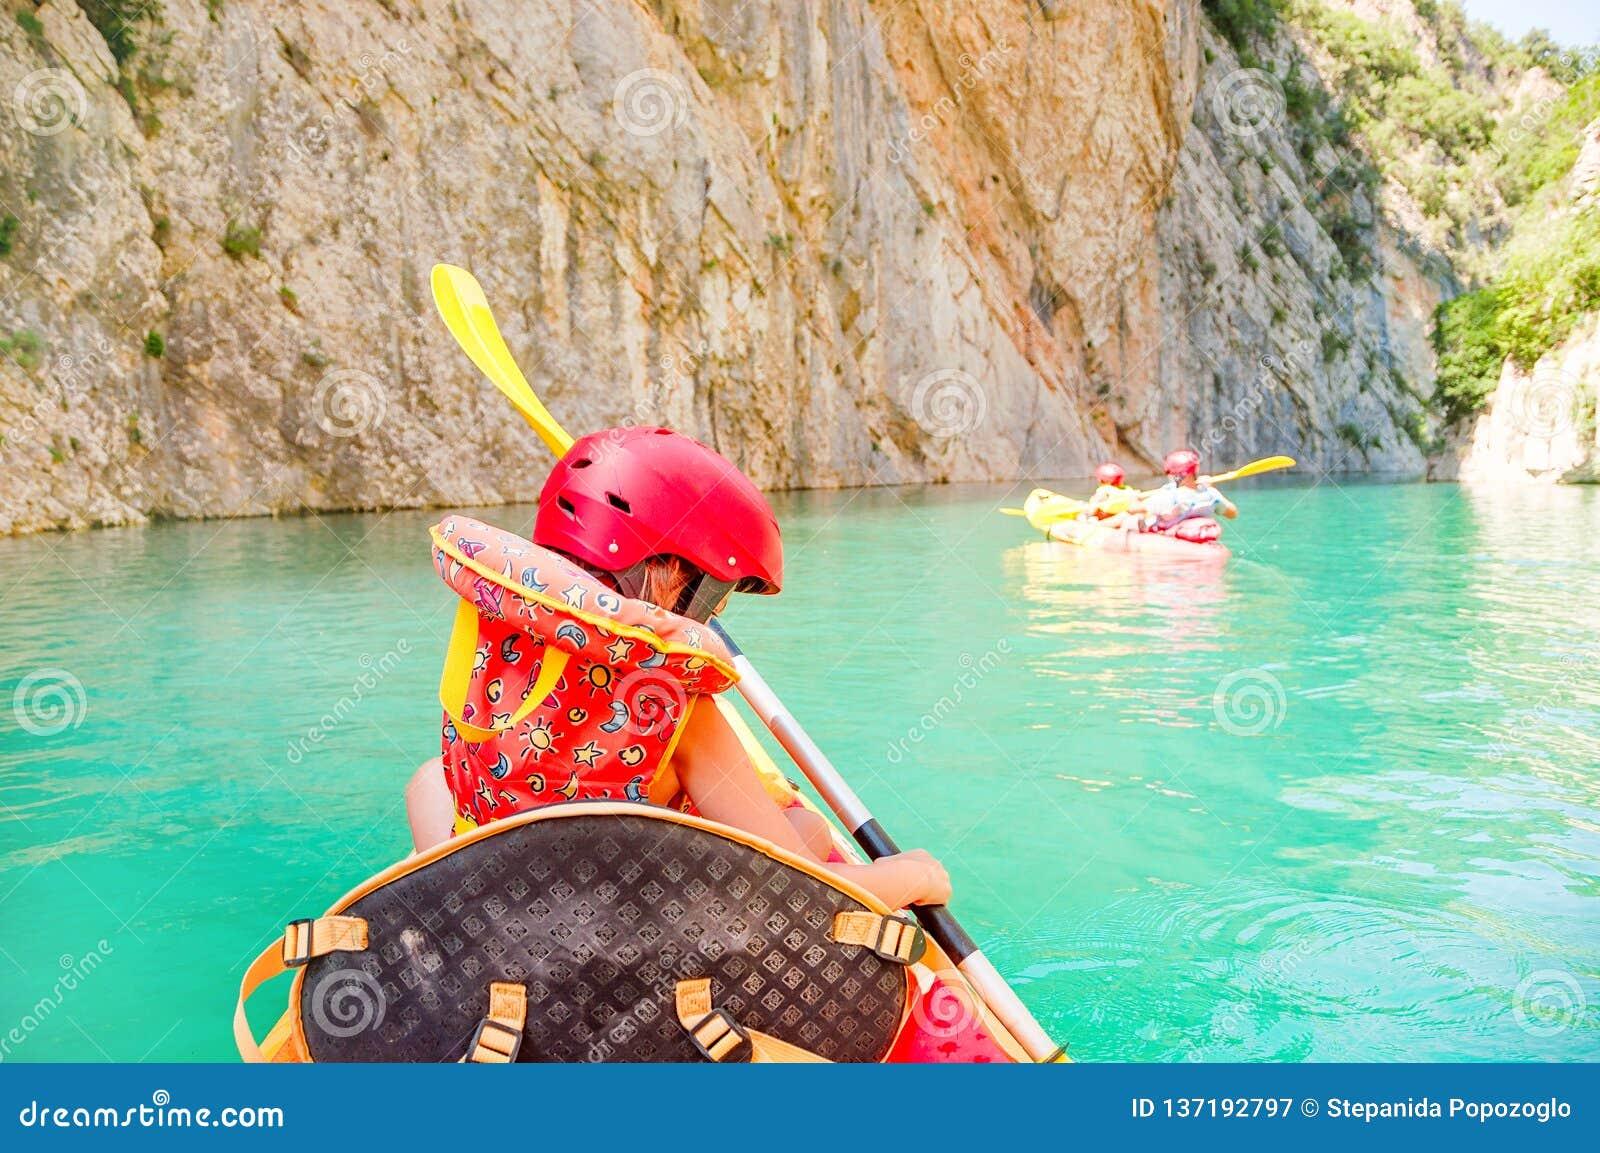 Kayak della bambina sul bello fiume, divertendosi e godendo degli sport all aperto Sport acquatico e divertimento di campeggio